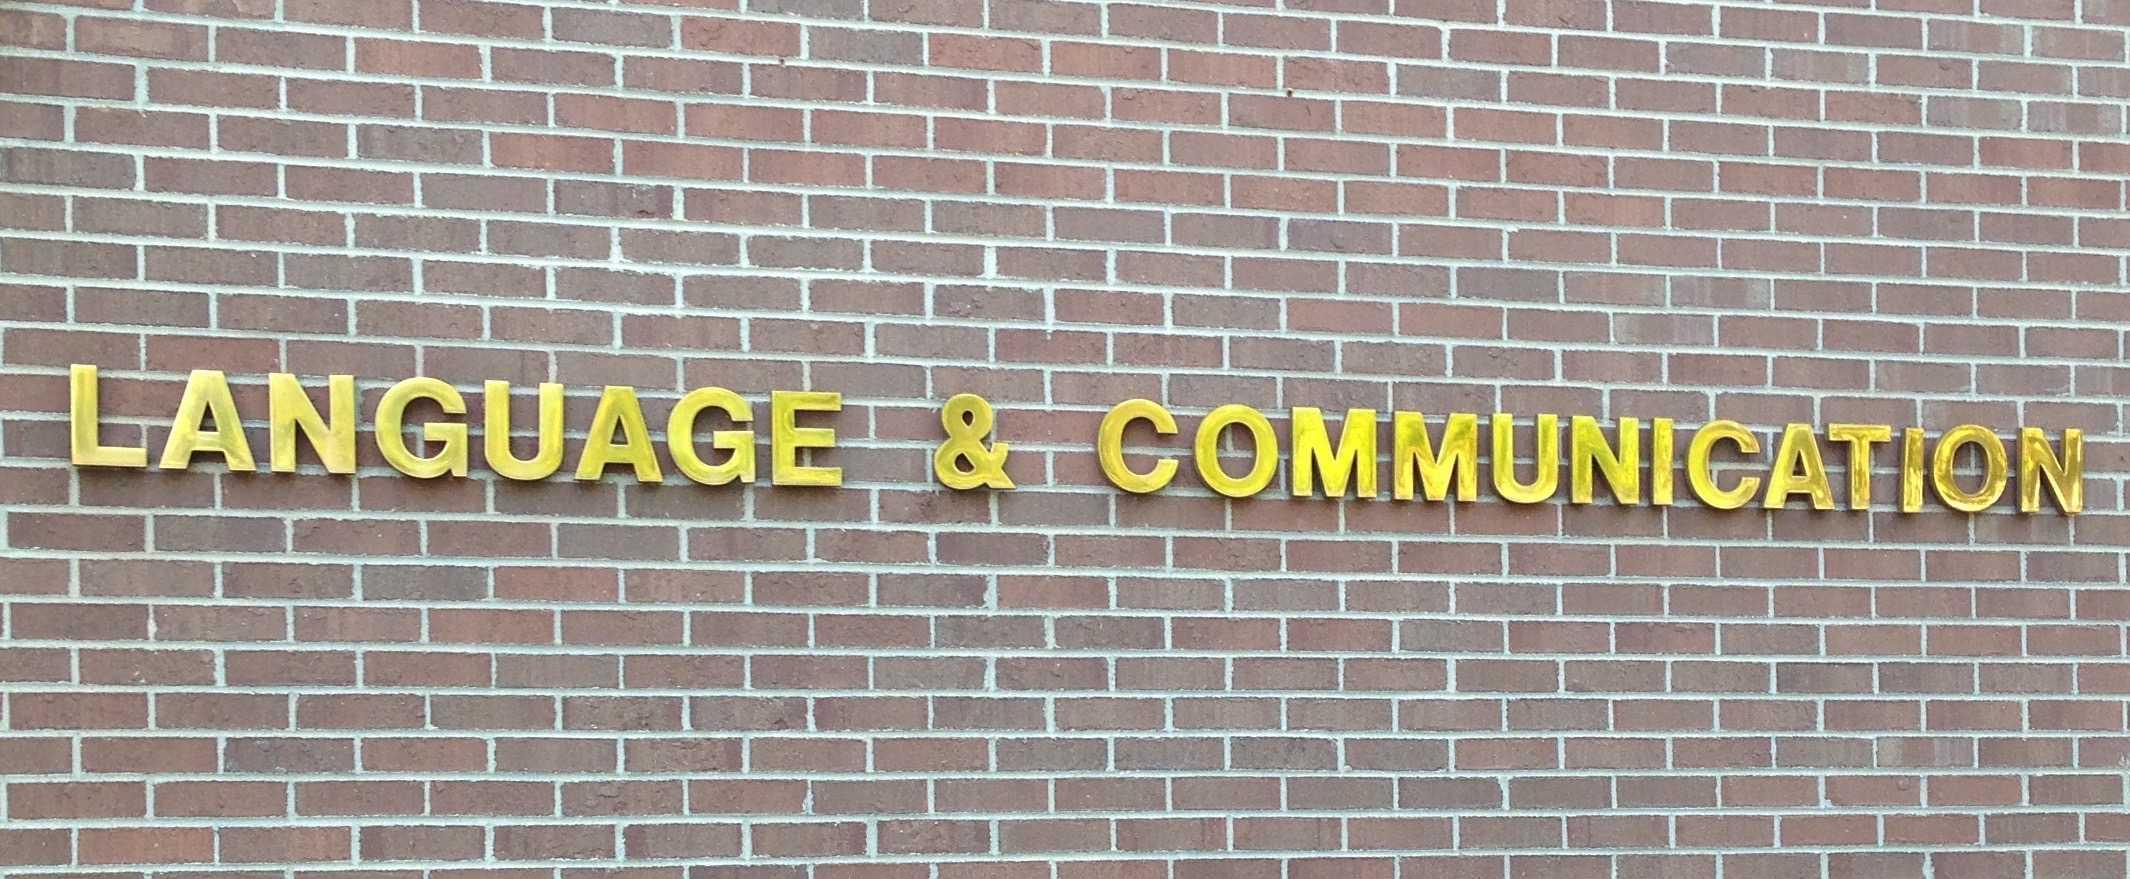 Language & Communication (LNCO)